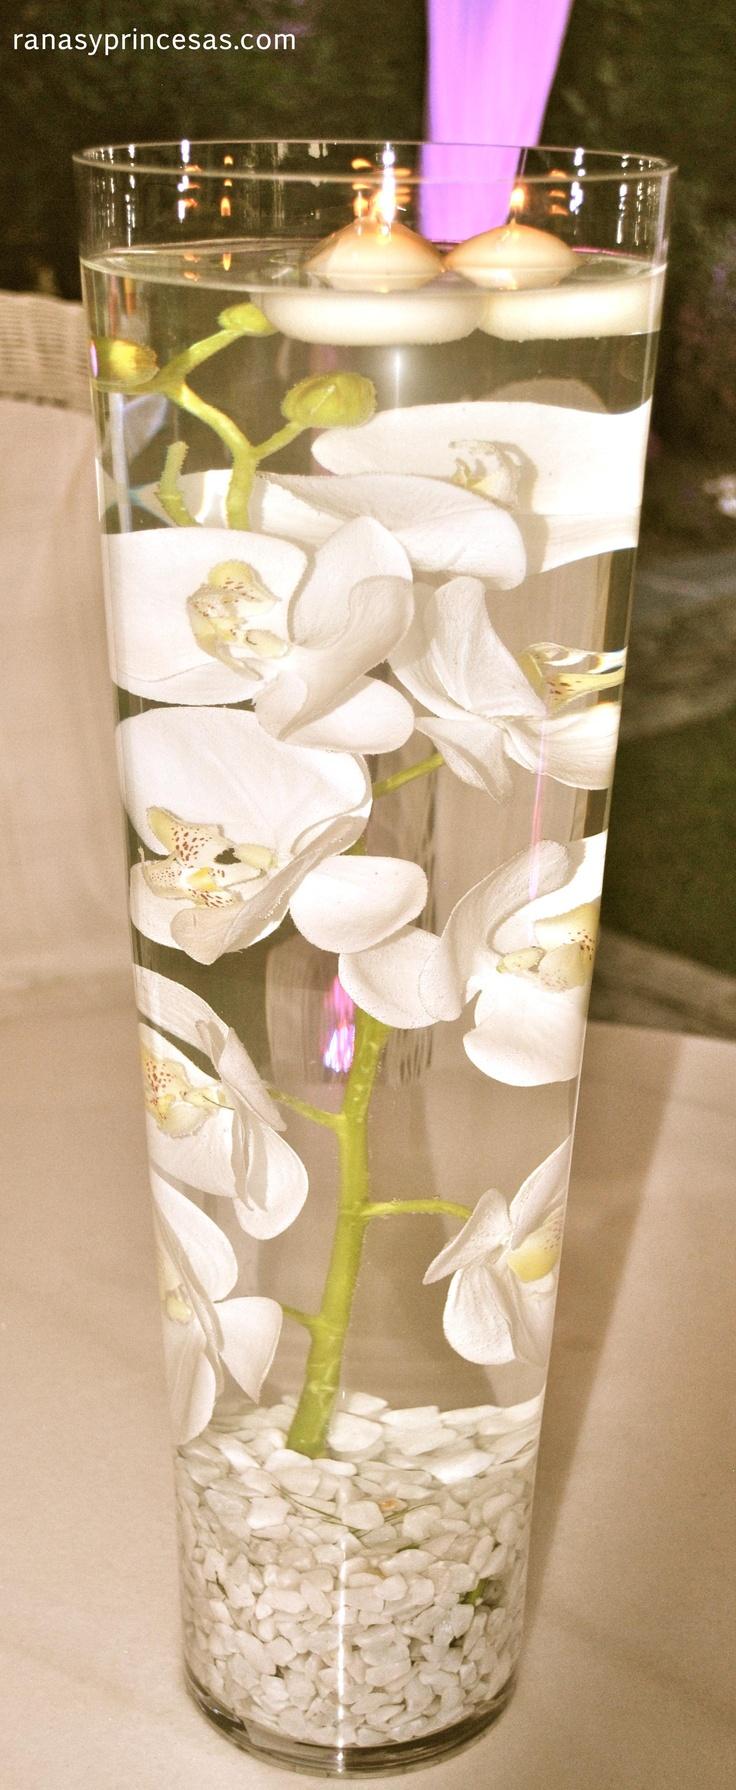 1000 images about feng shui on pinterest salud amor - Feng shui para la salud ...